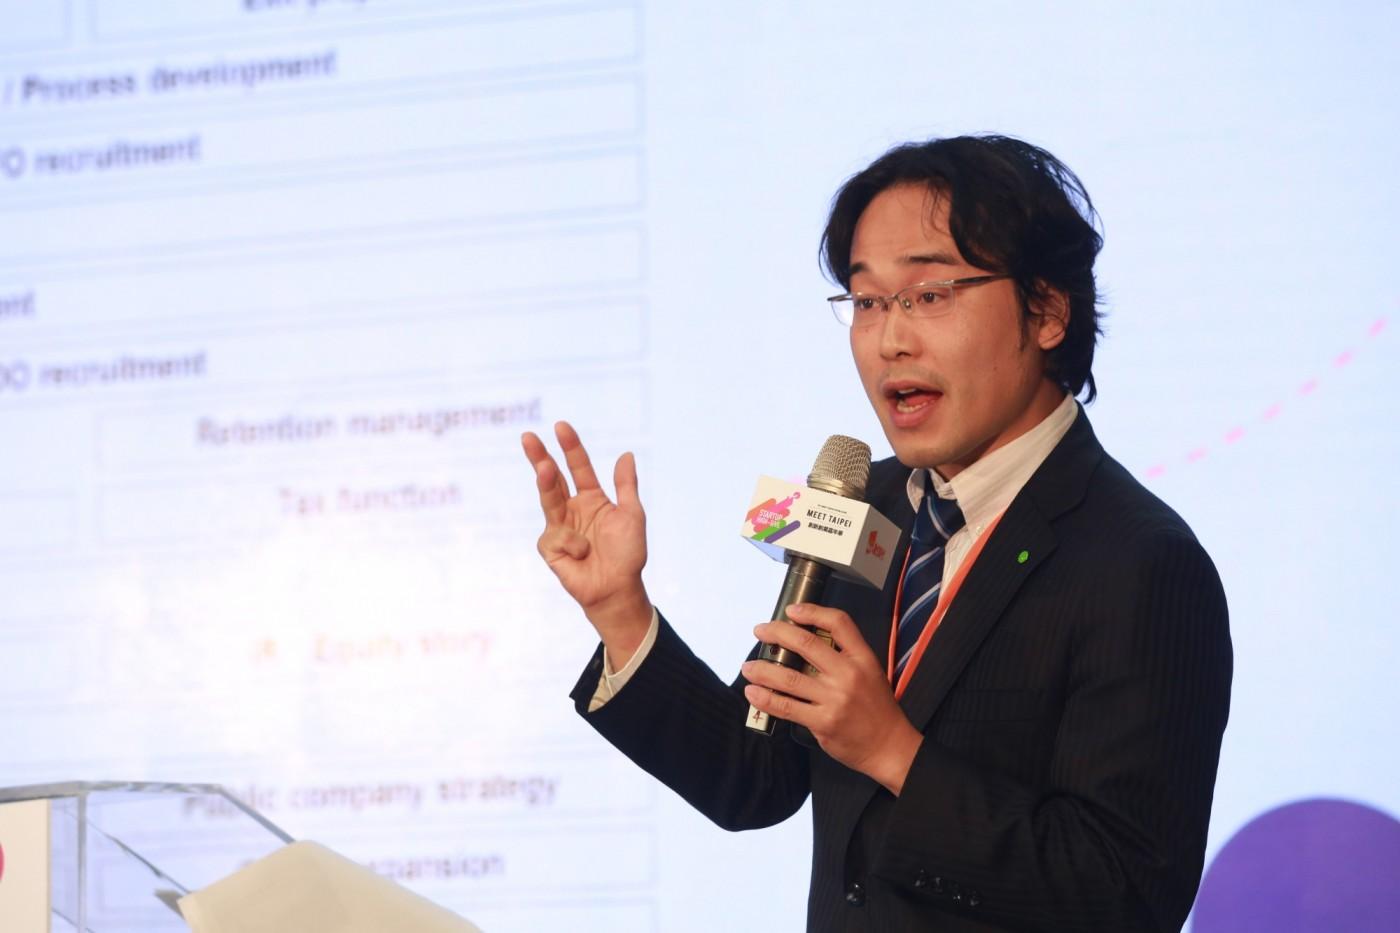 【2018 Meet Taipei】創業第一天就要瞄準國際市場,新創必懂的「地理策略」